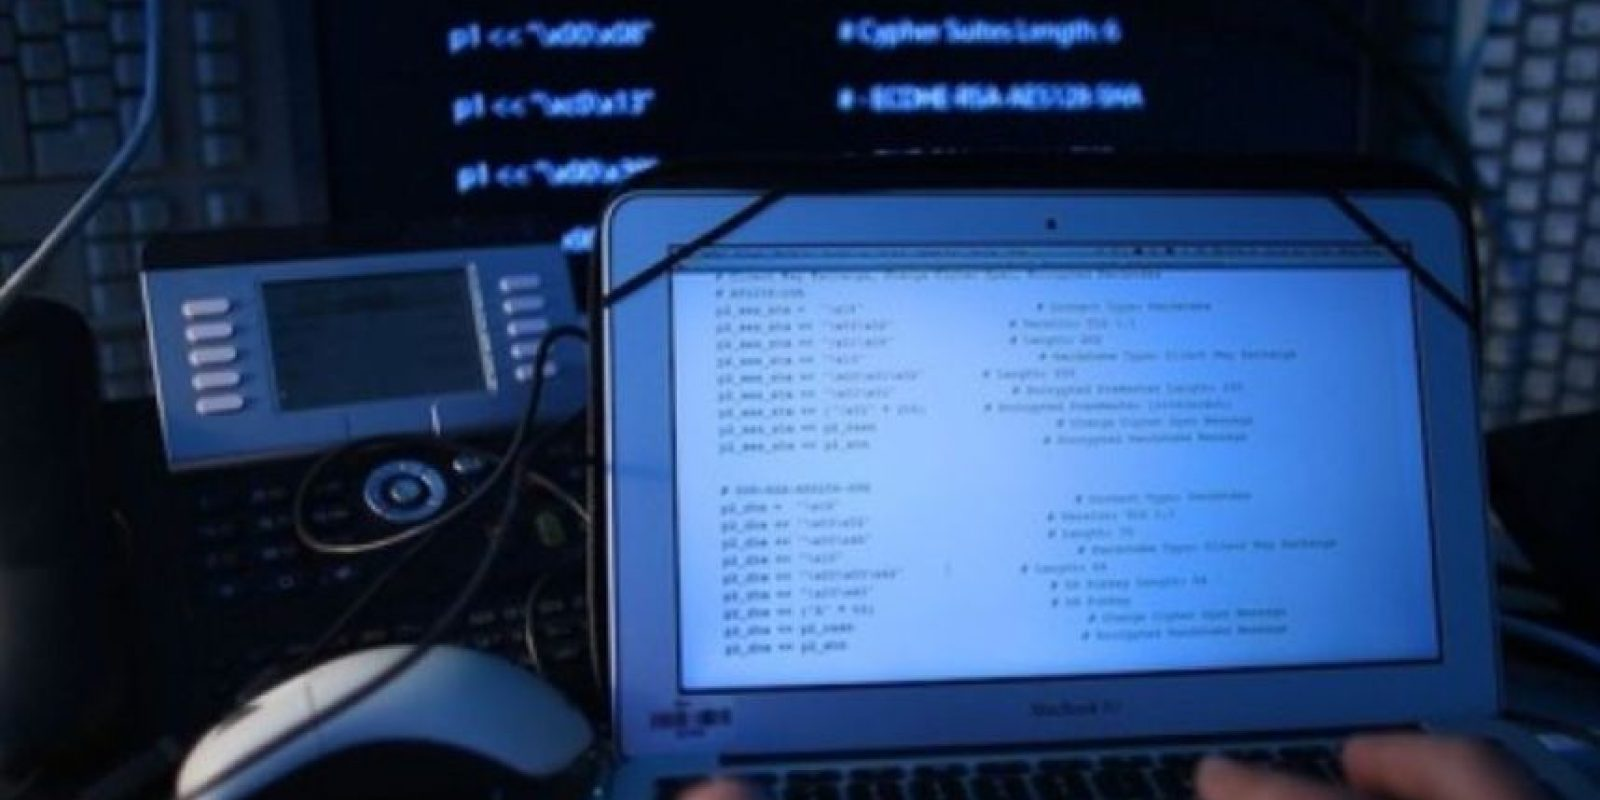 Eso ayudará a prevenir que hackers tomen control de su equipo. Foto:Vía Tumblr.com. Imagen Por: Archivo Publimetro